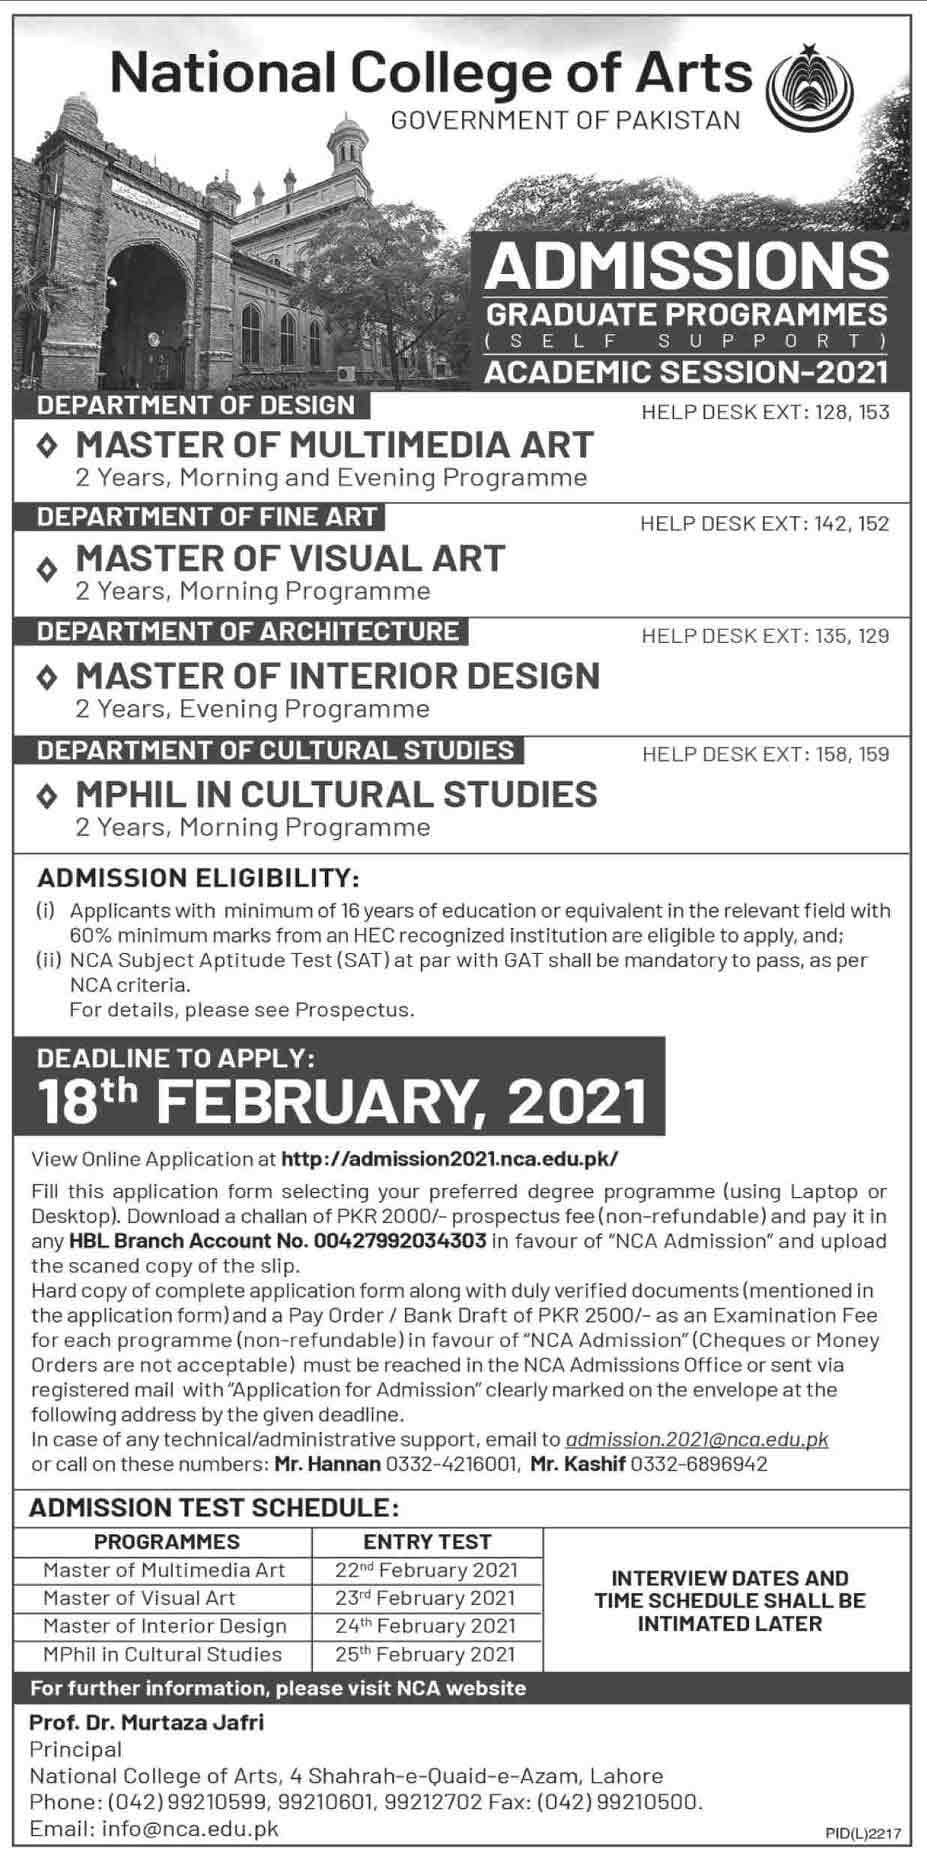 NCA-Lahore-Admission-2021